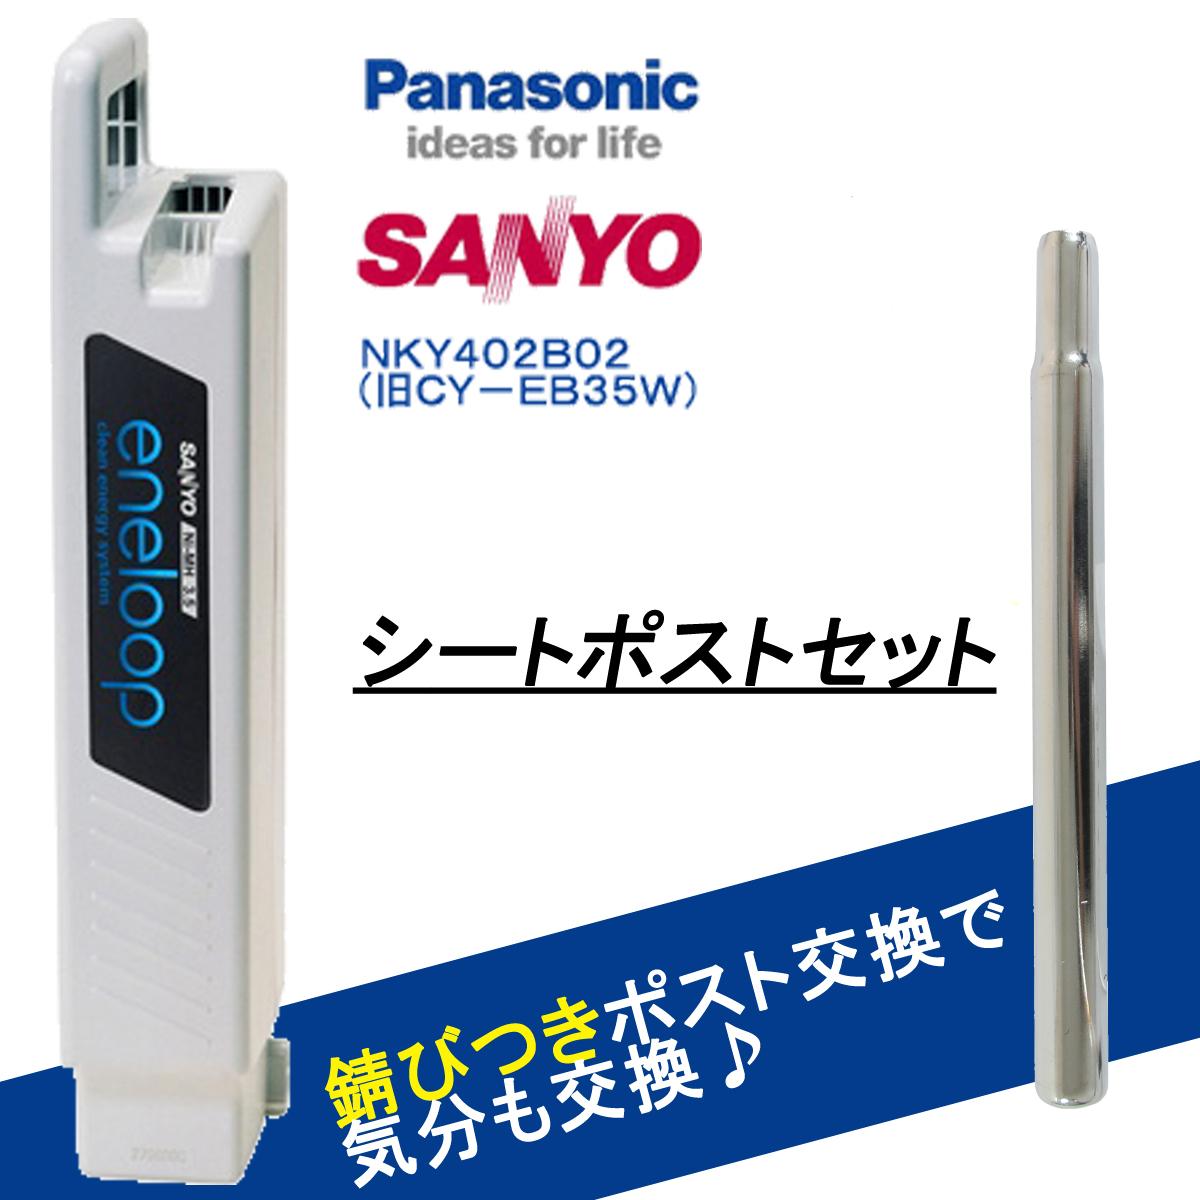 サンヨー電動自転車バッテリー ニッケル水素 NKY402B02 (旧CY-EB35W)サドルポスト25.4Φ セット